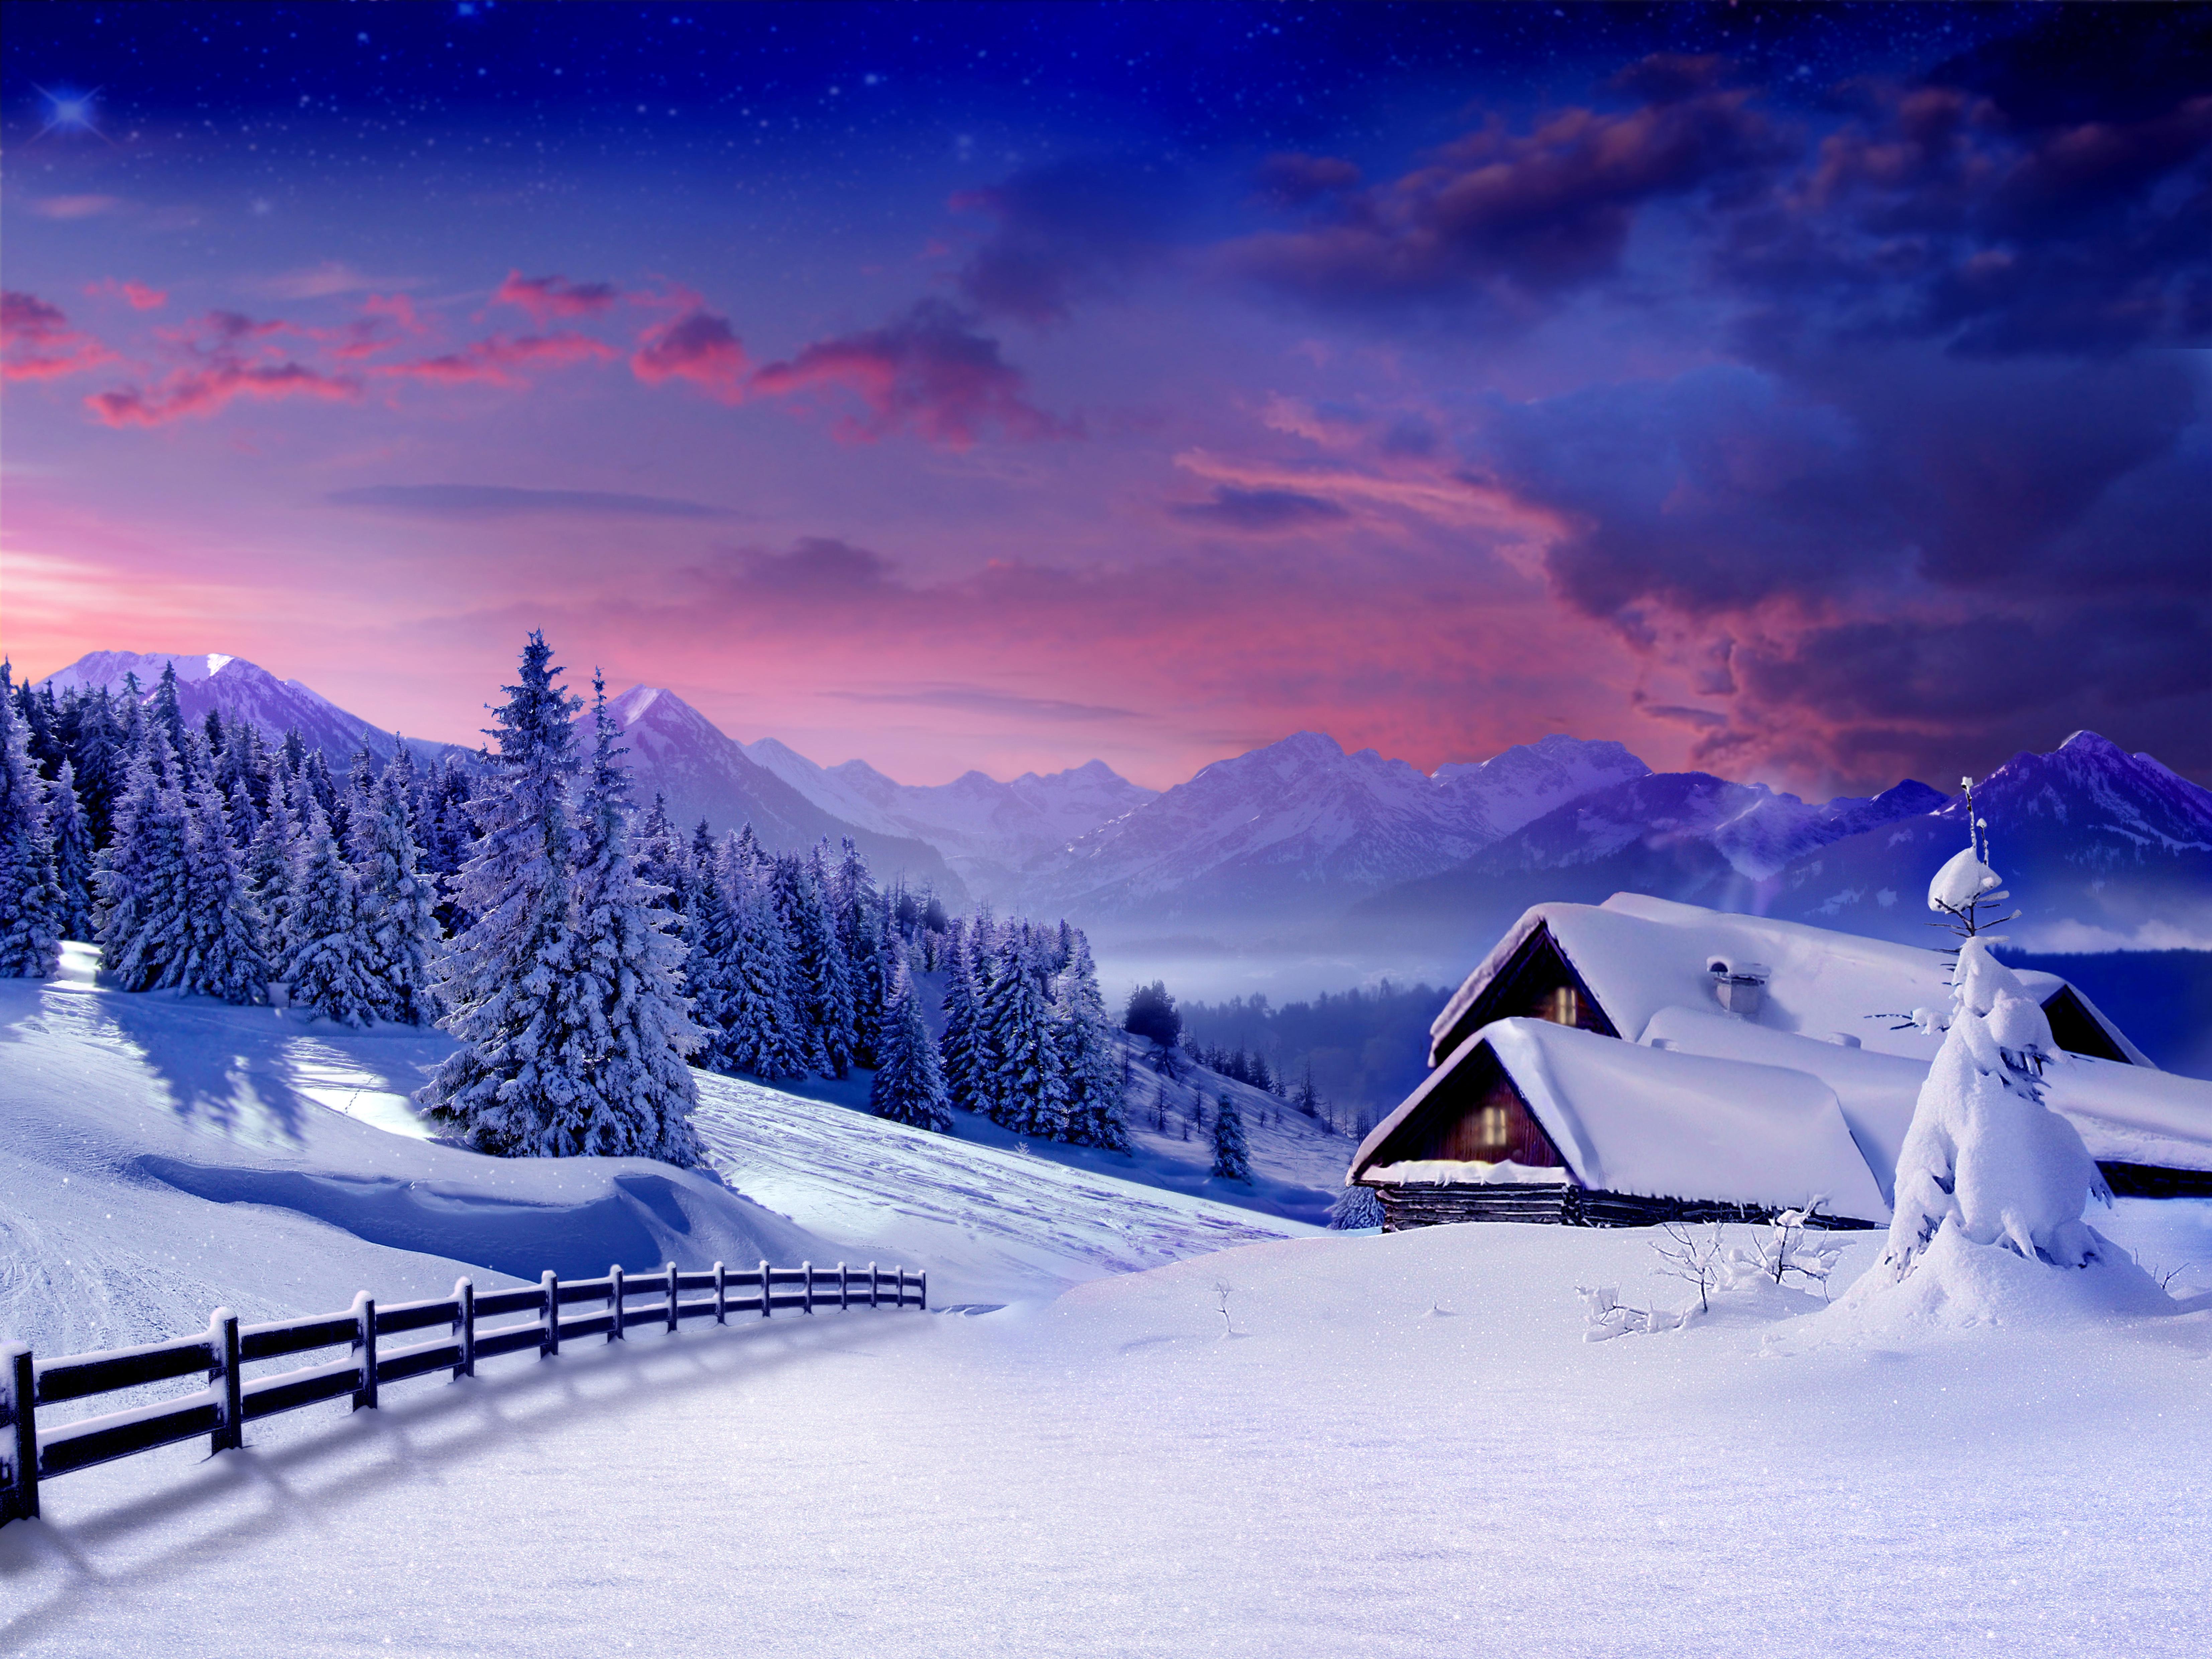 зимы бесплатно фотографии